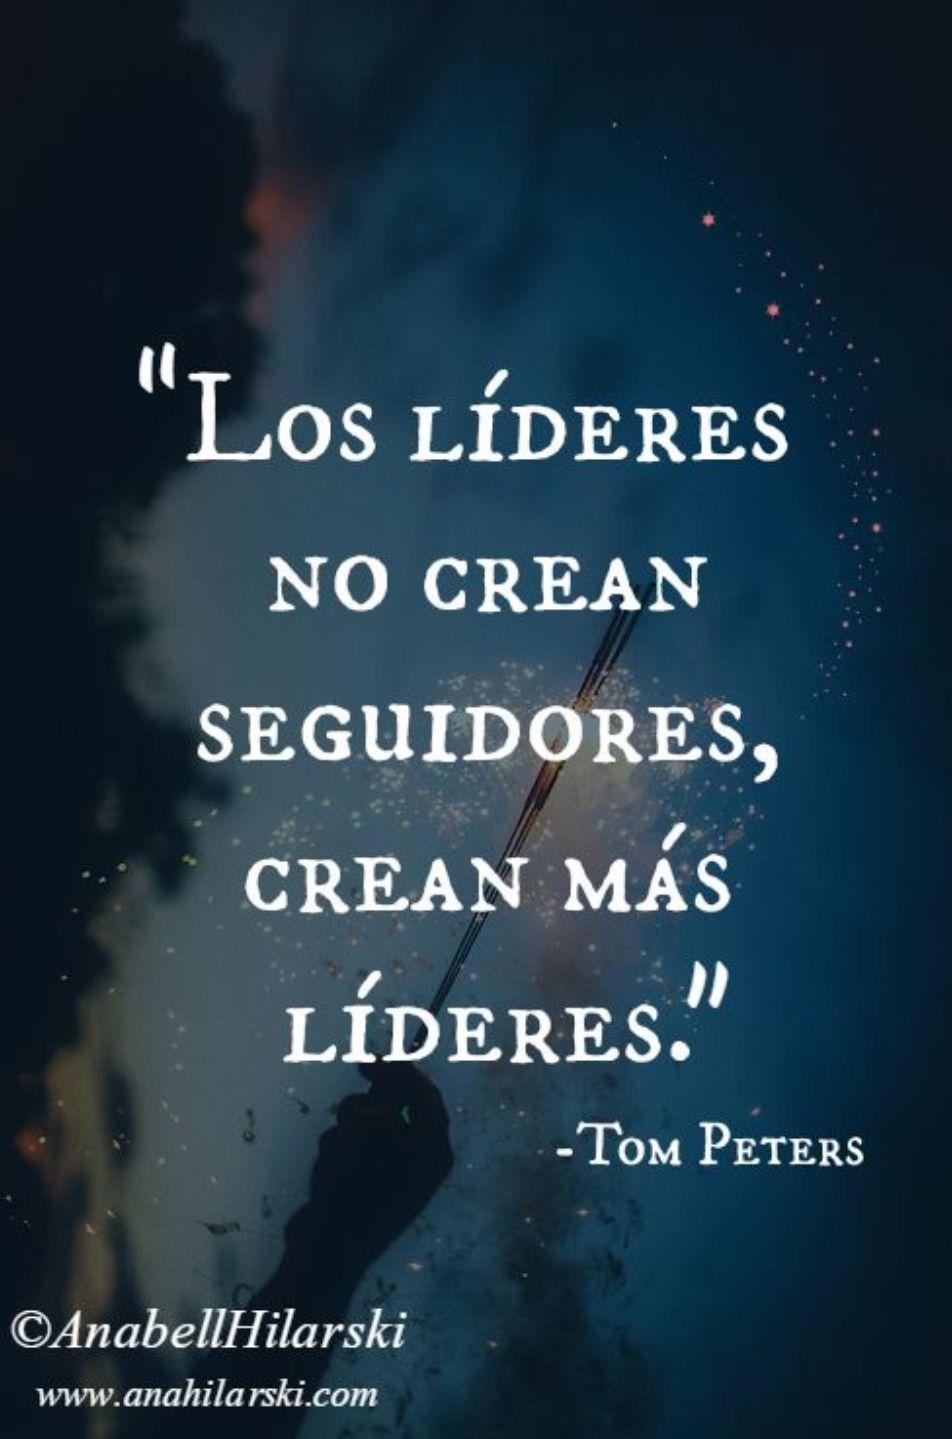 Lideres Lider Frases Frases De Liderazgo Y Frases